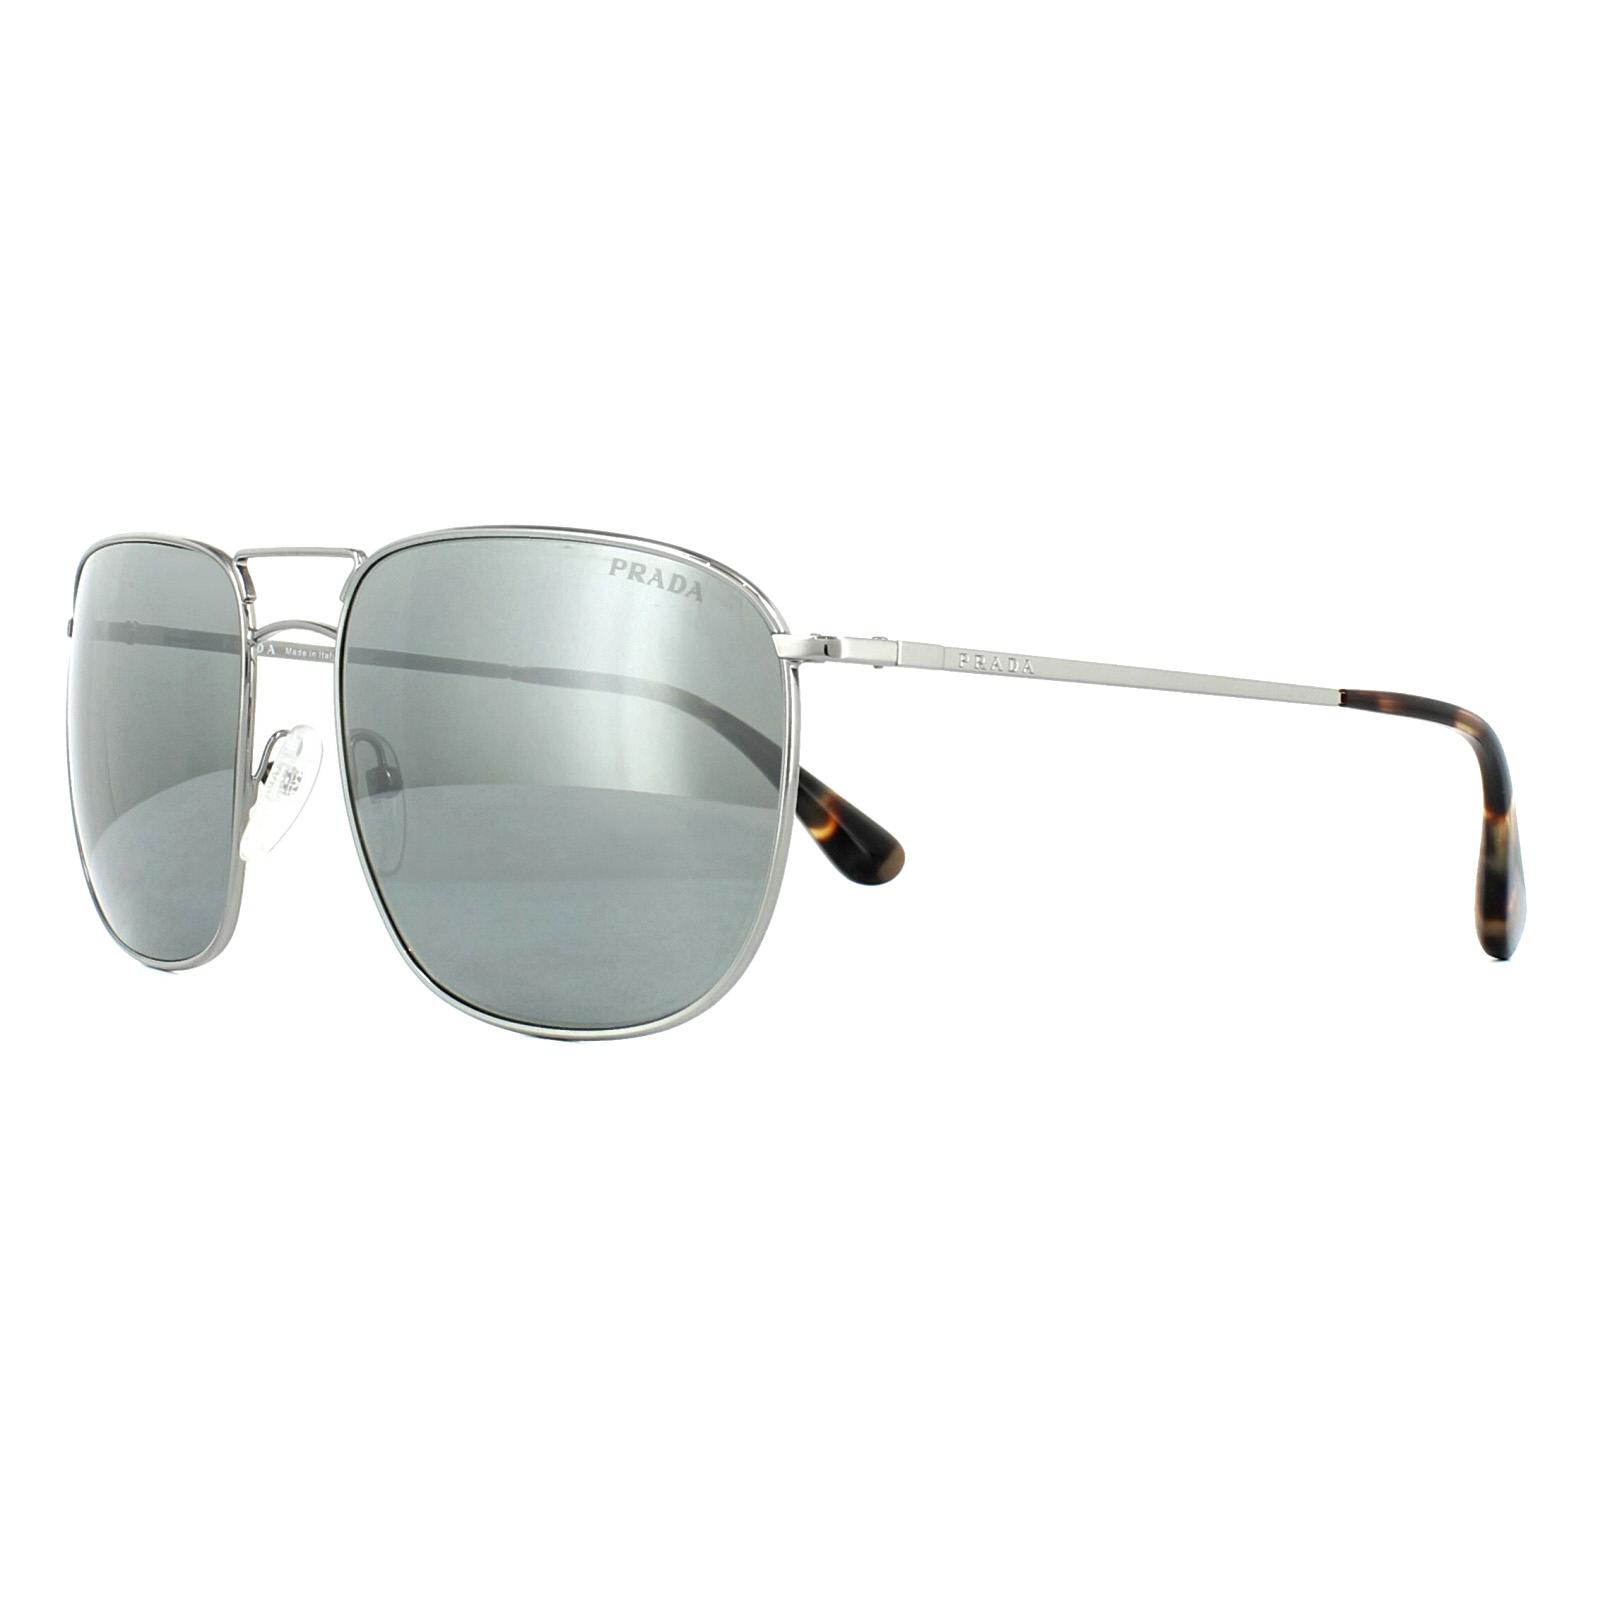 4e83dab4db Prada Sunglasses 52TS 5AV7W1 Lead Grey Silver Mirror 8053672673012 ...